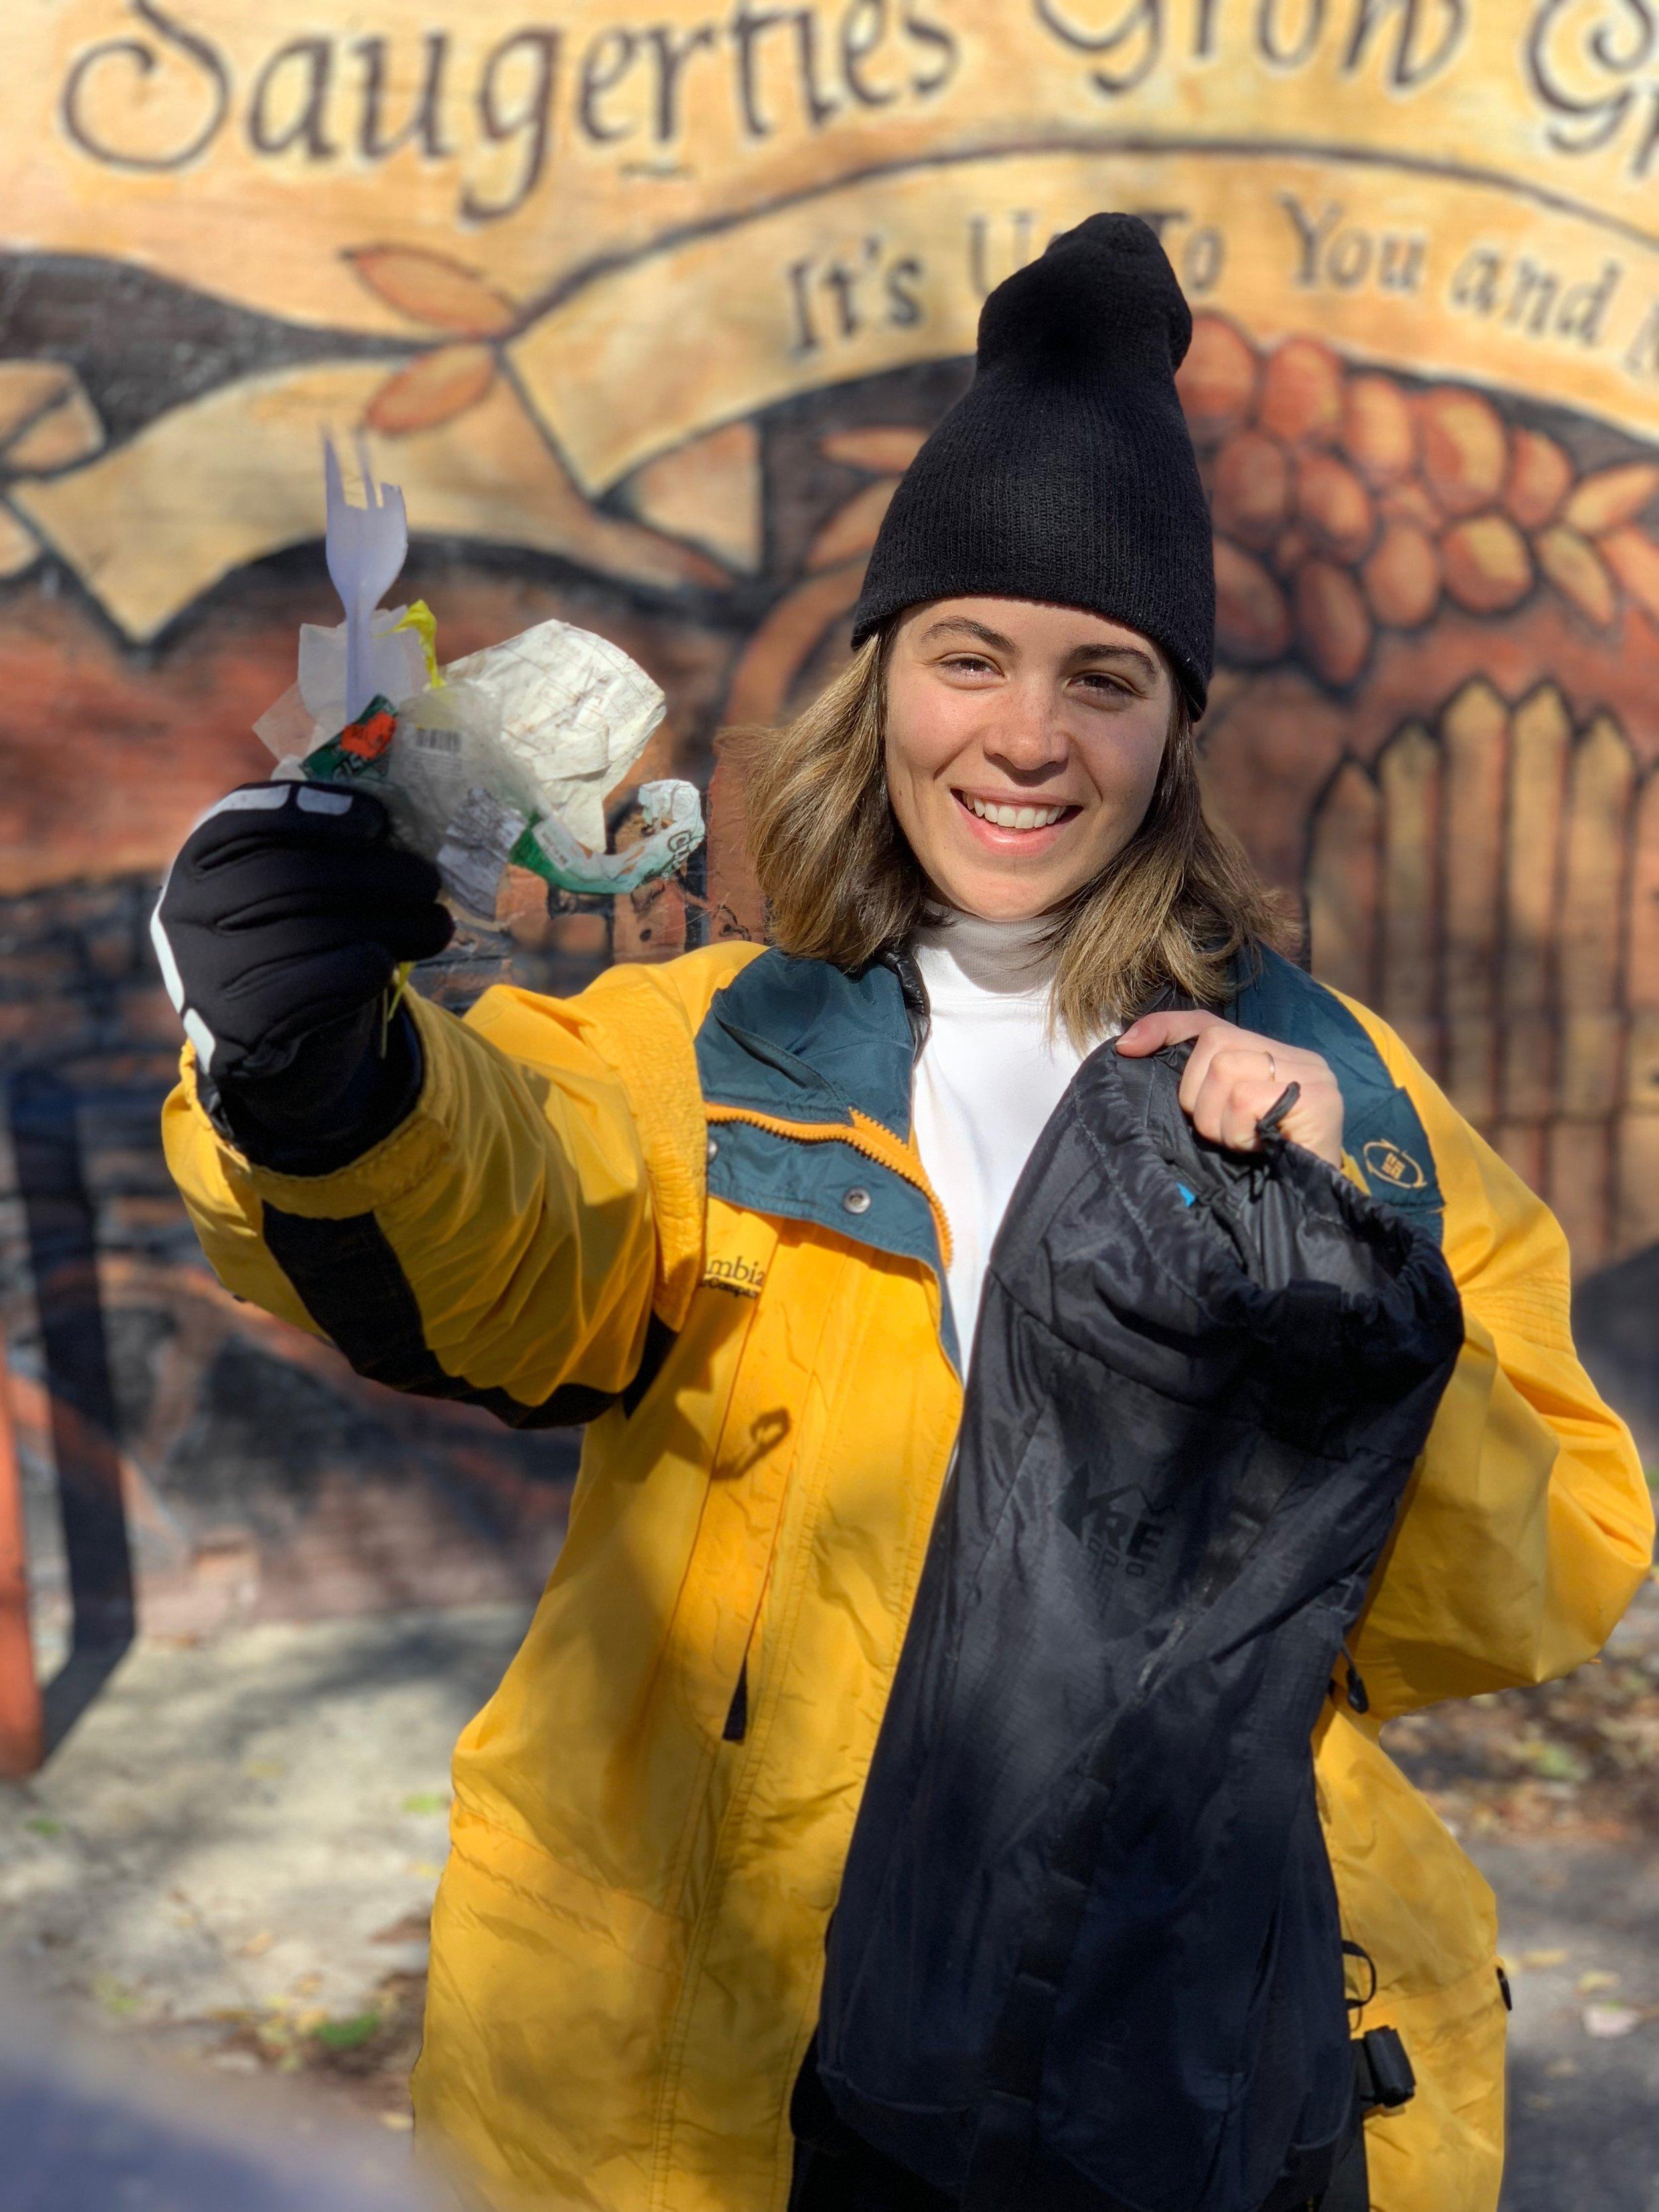 Eagle contributor Meg Lazaros strives to live a zero waste lifestyle to counter climate change. Photo courtesy of Meg Lazaros.